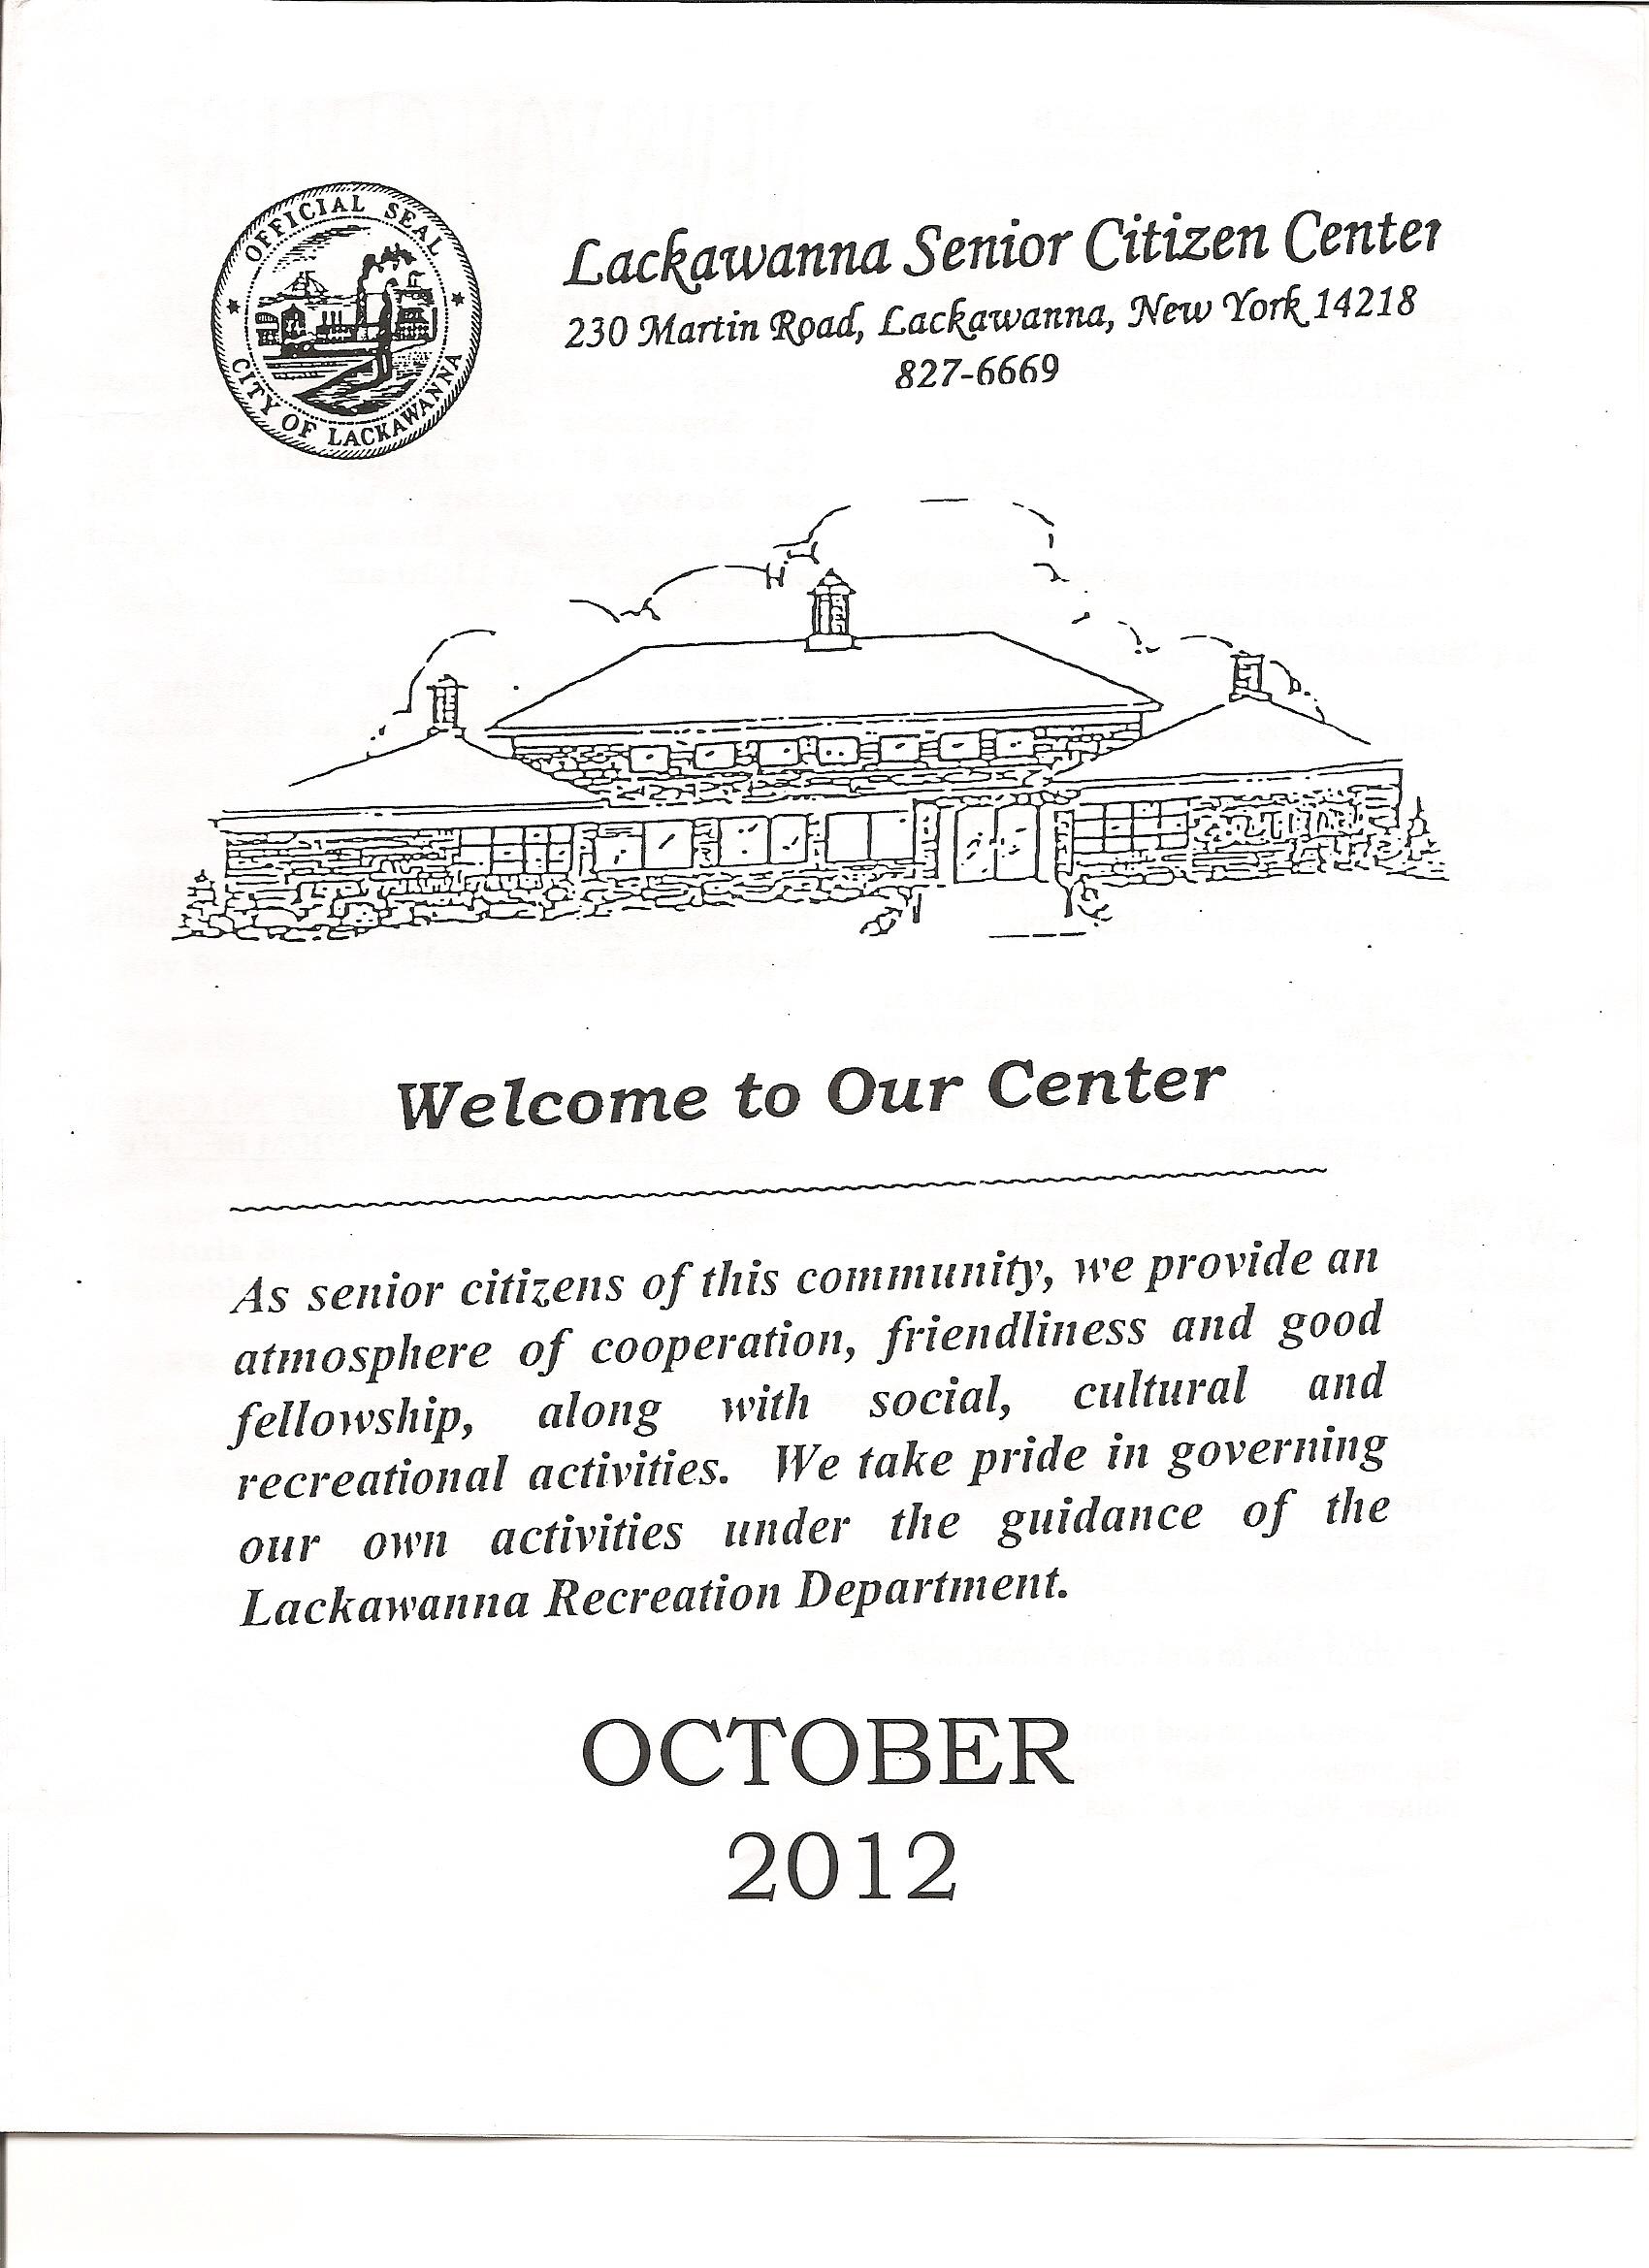 Oct 2012 Newsletter -- pg. 1